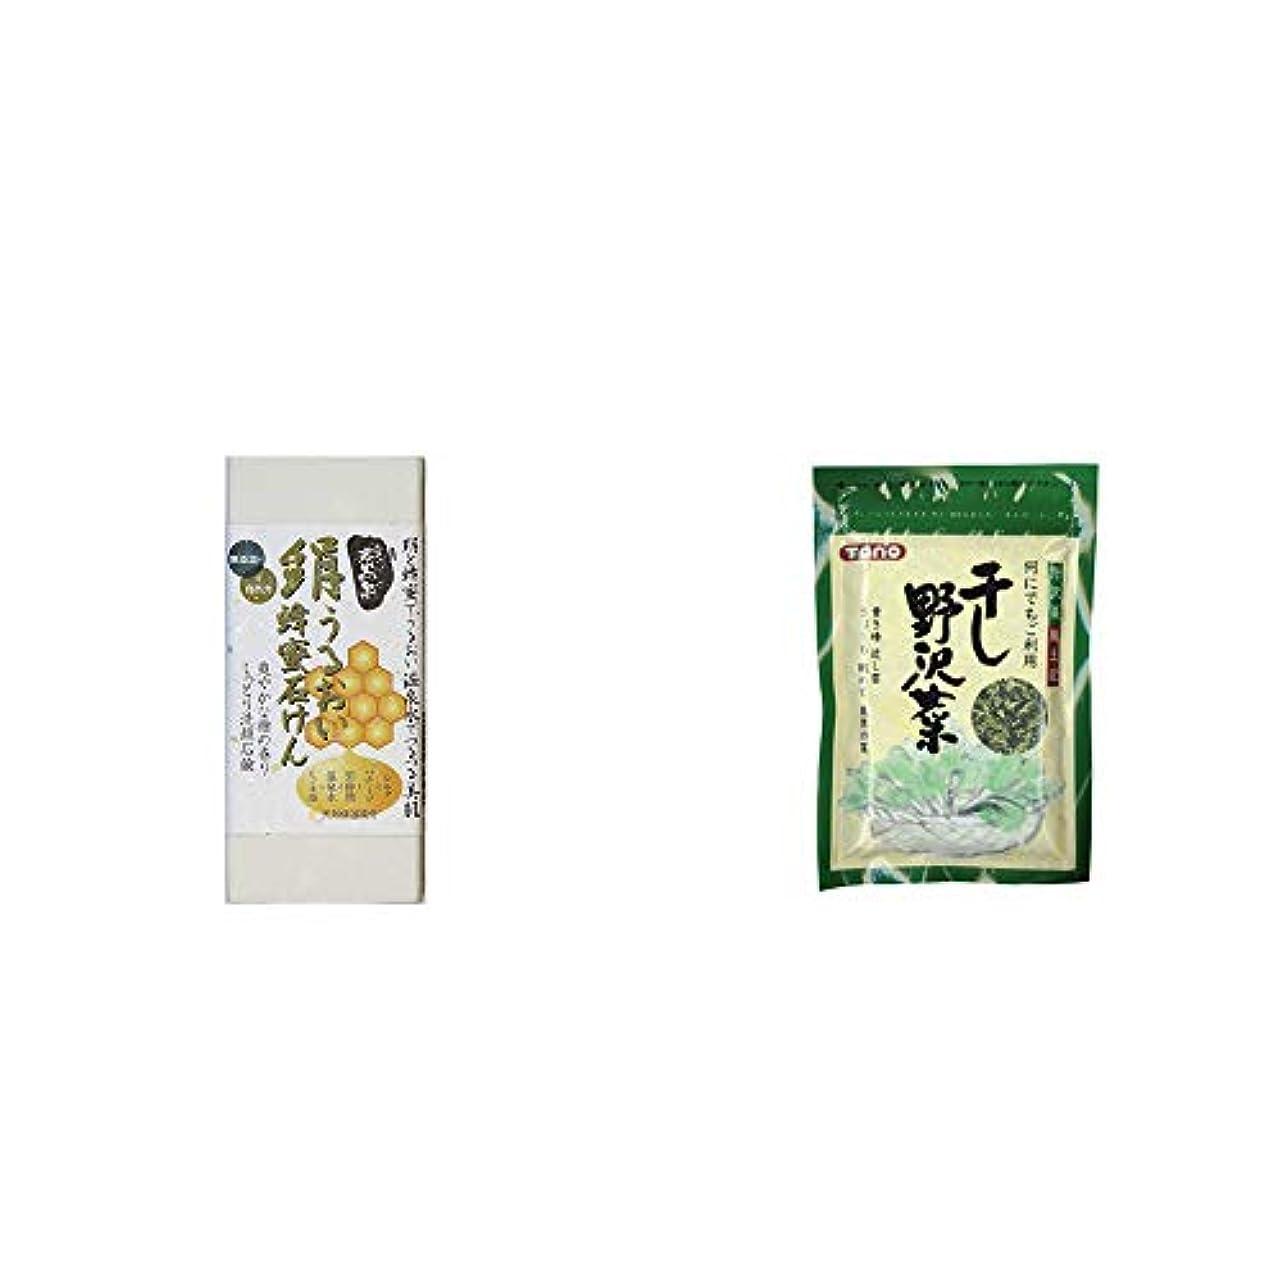 失速第九販売員[2点セット] ひのき炭黒泉 絹うるおい蜂蜜石けん(75g×2)?干し野沢菜(100g)